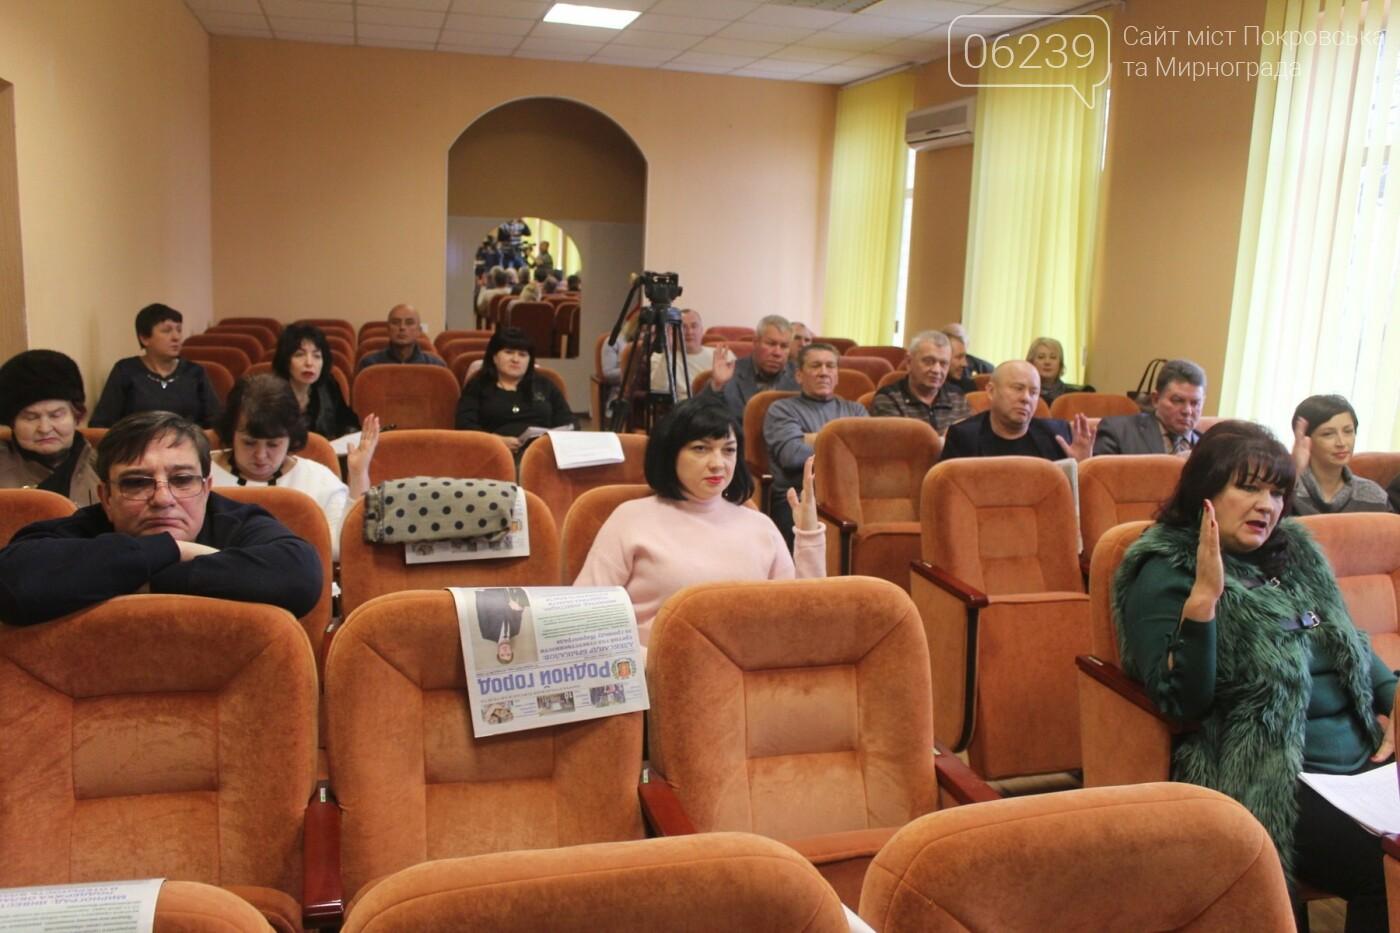 Бюджет на 2019-й год и реконструкция парка: в Мирнограде состоялась 54-я сессия городского совета, фото-7